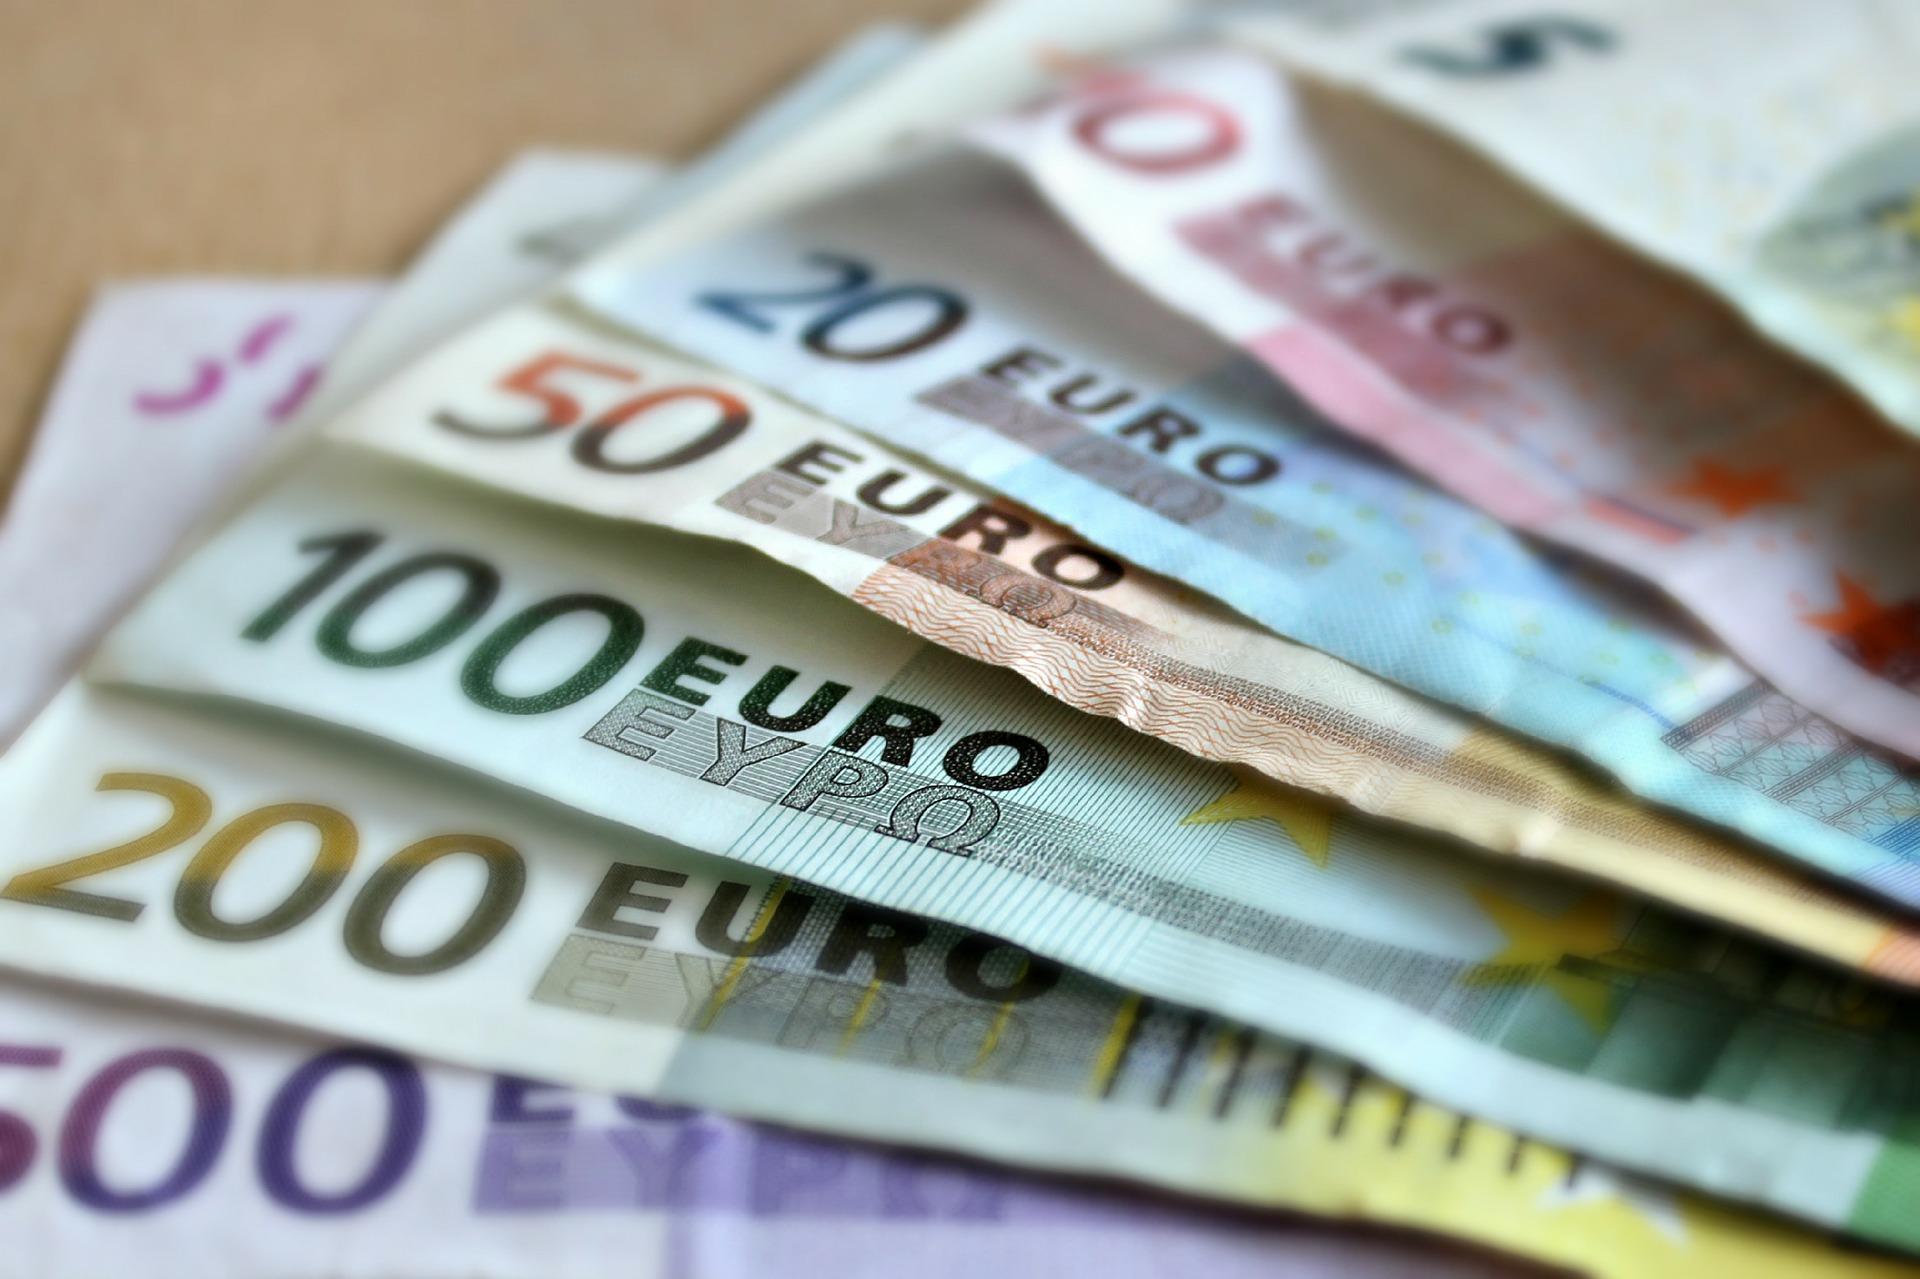 Nagy változás jön a pénzátutalásnál - több százezren örülhetnek